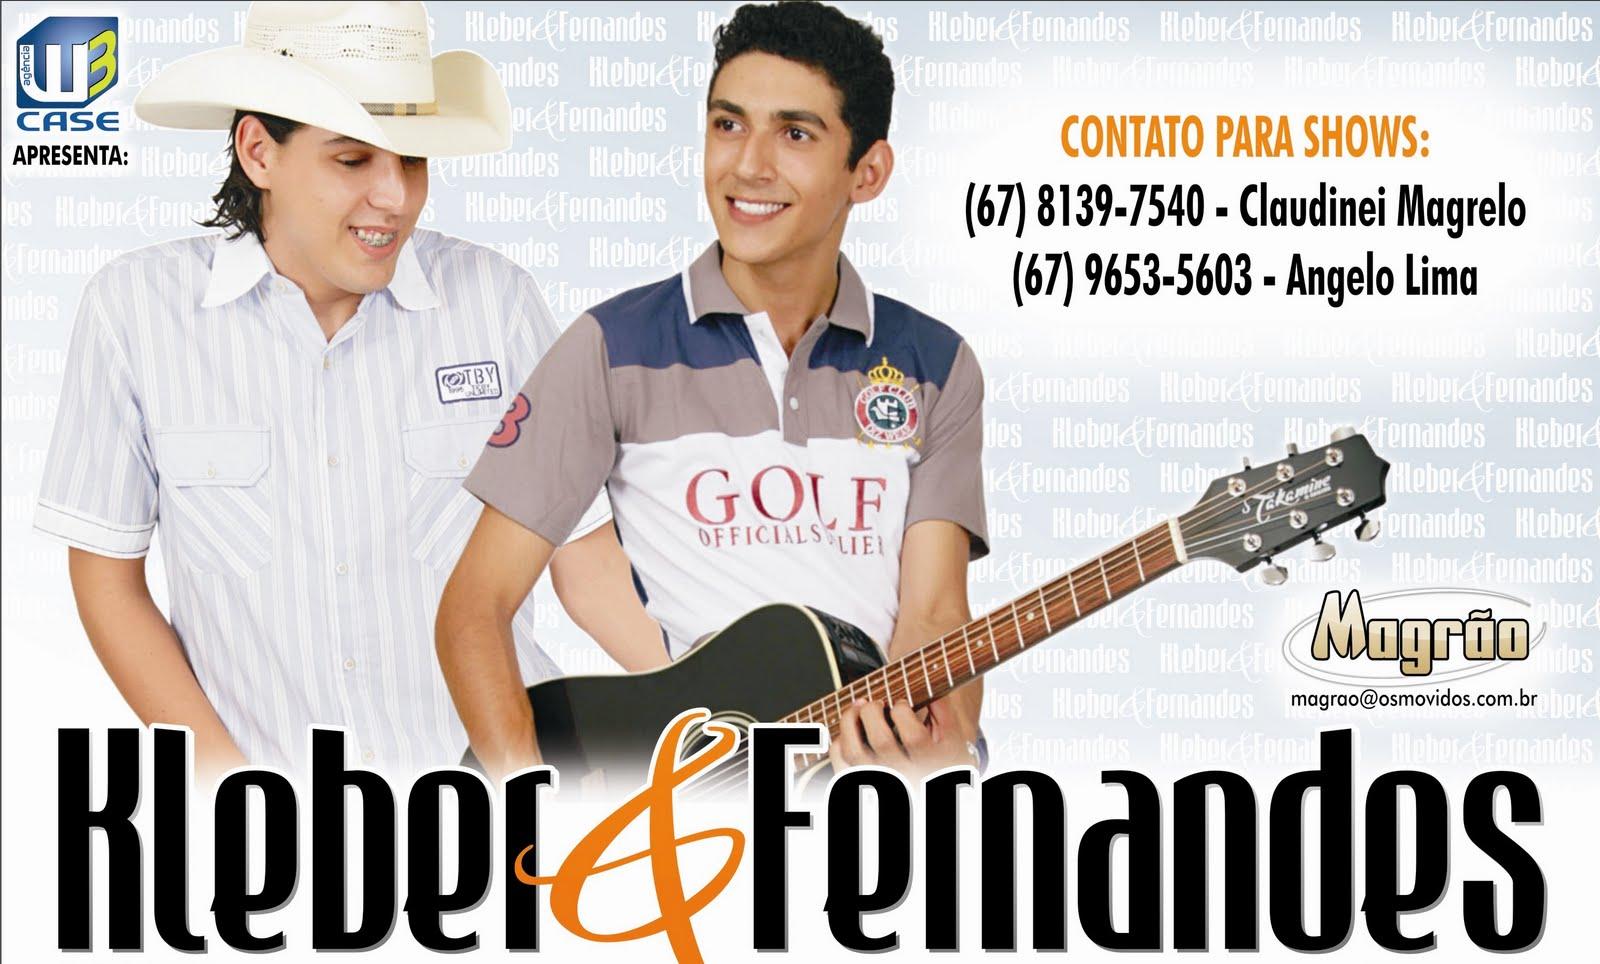 http://3.bp.blogspot.com/_Wpdqsp636Qk/TIeqvZFQf-I/AAAAAAAAAPI/UE6SvK43PFw/s1600/kleber+e+fernandes+-+banner.jpg